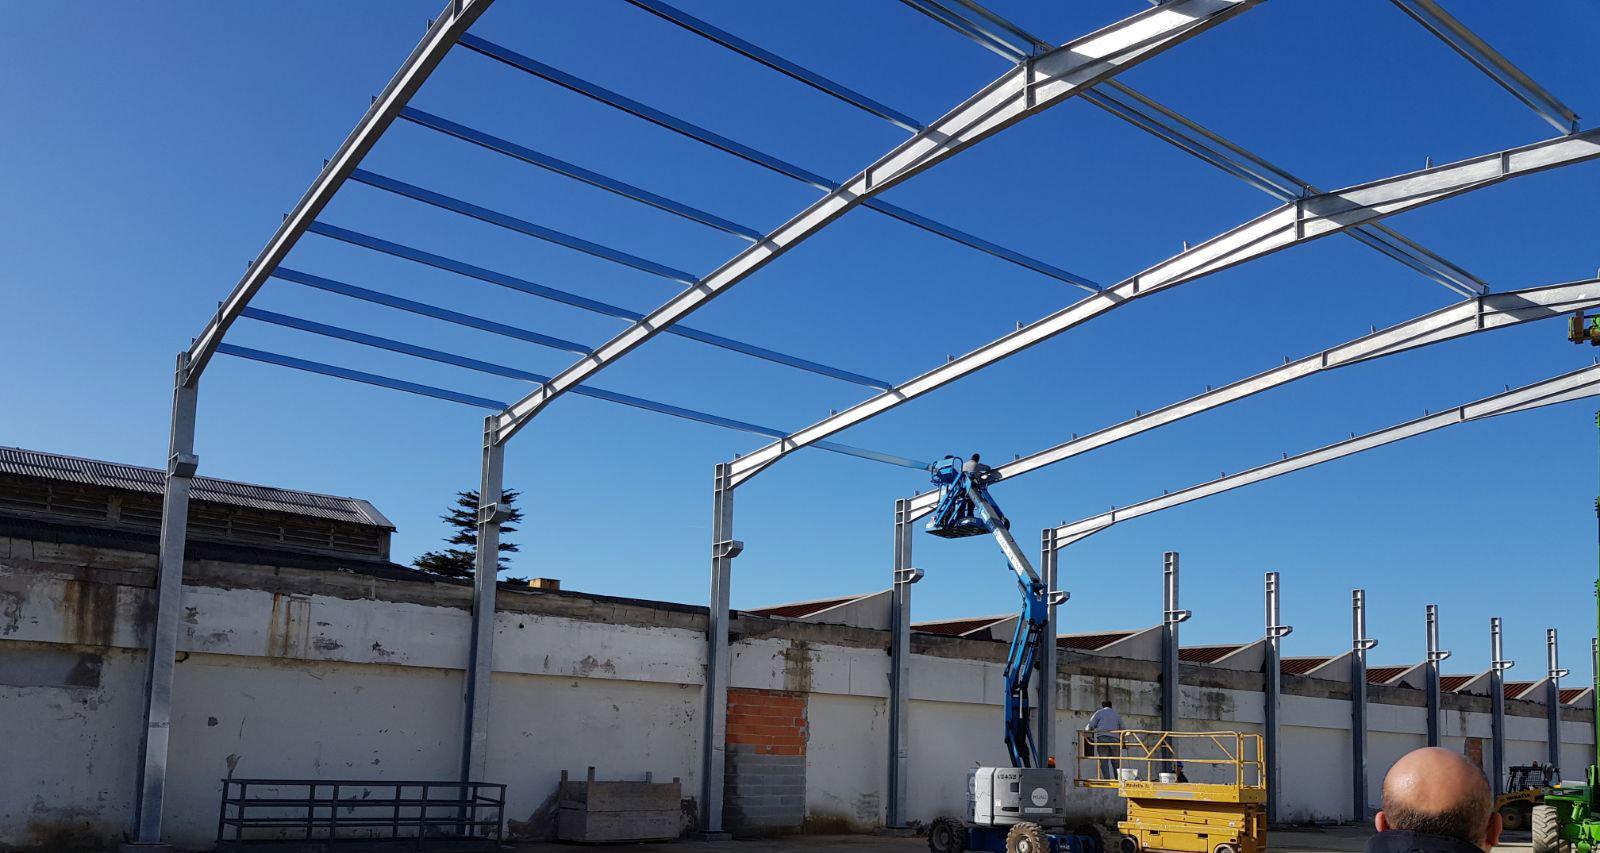 Novas instalações da RIDUBA, Póvoa de Varzim